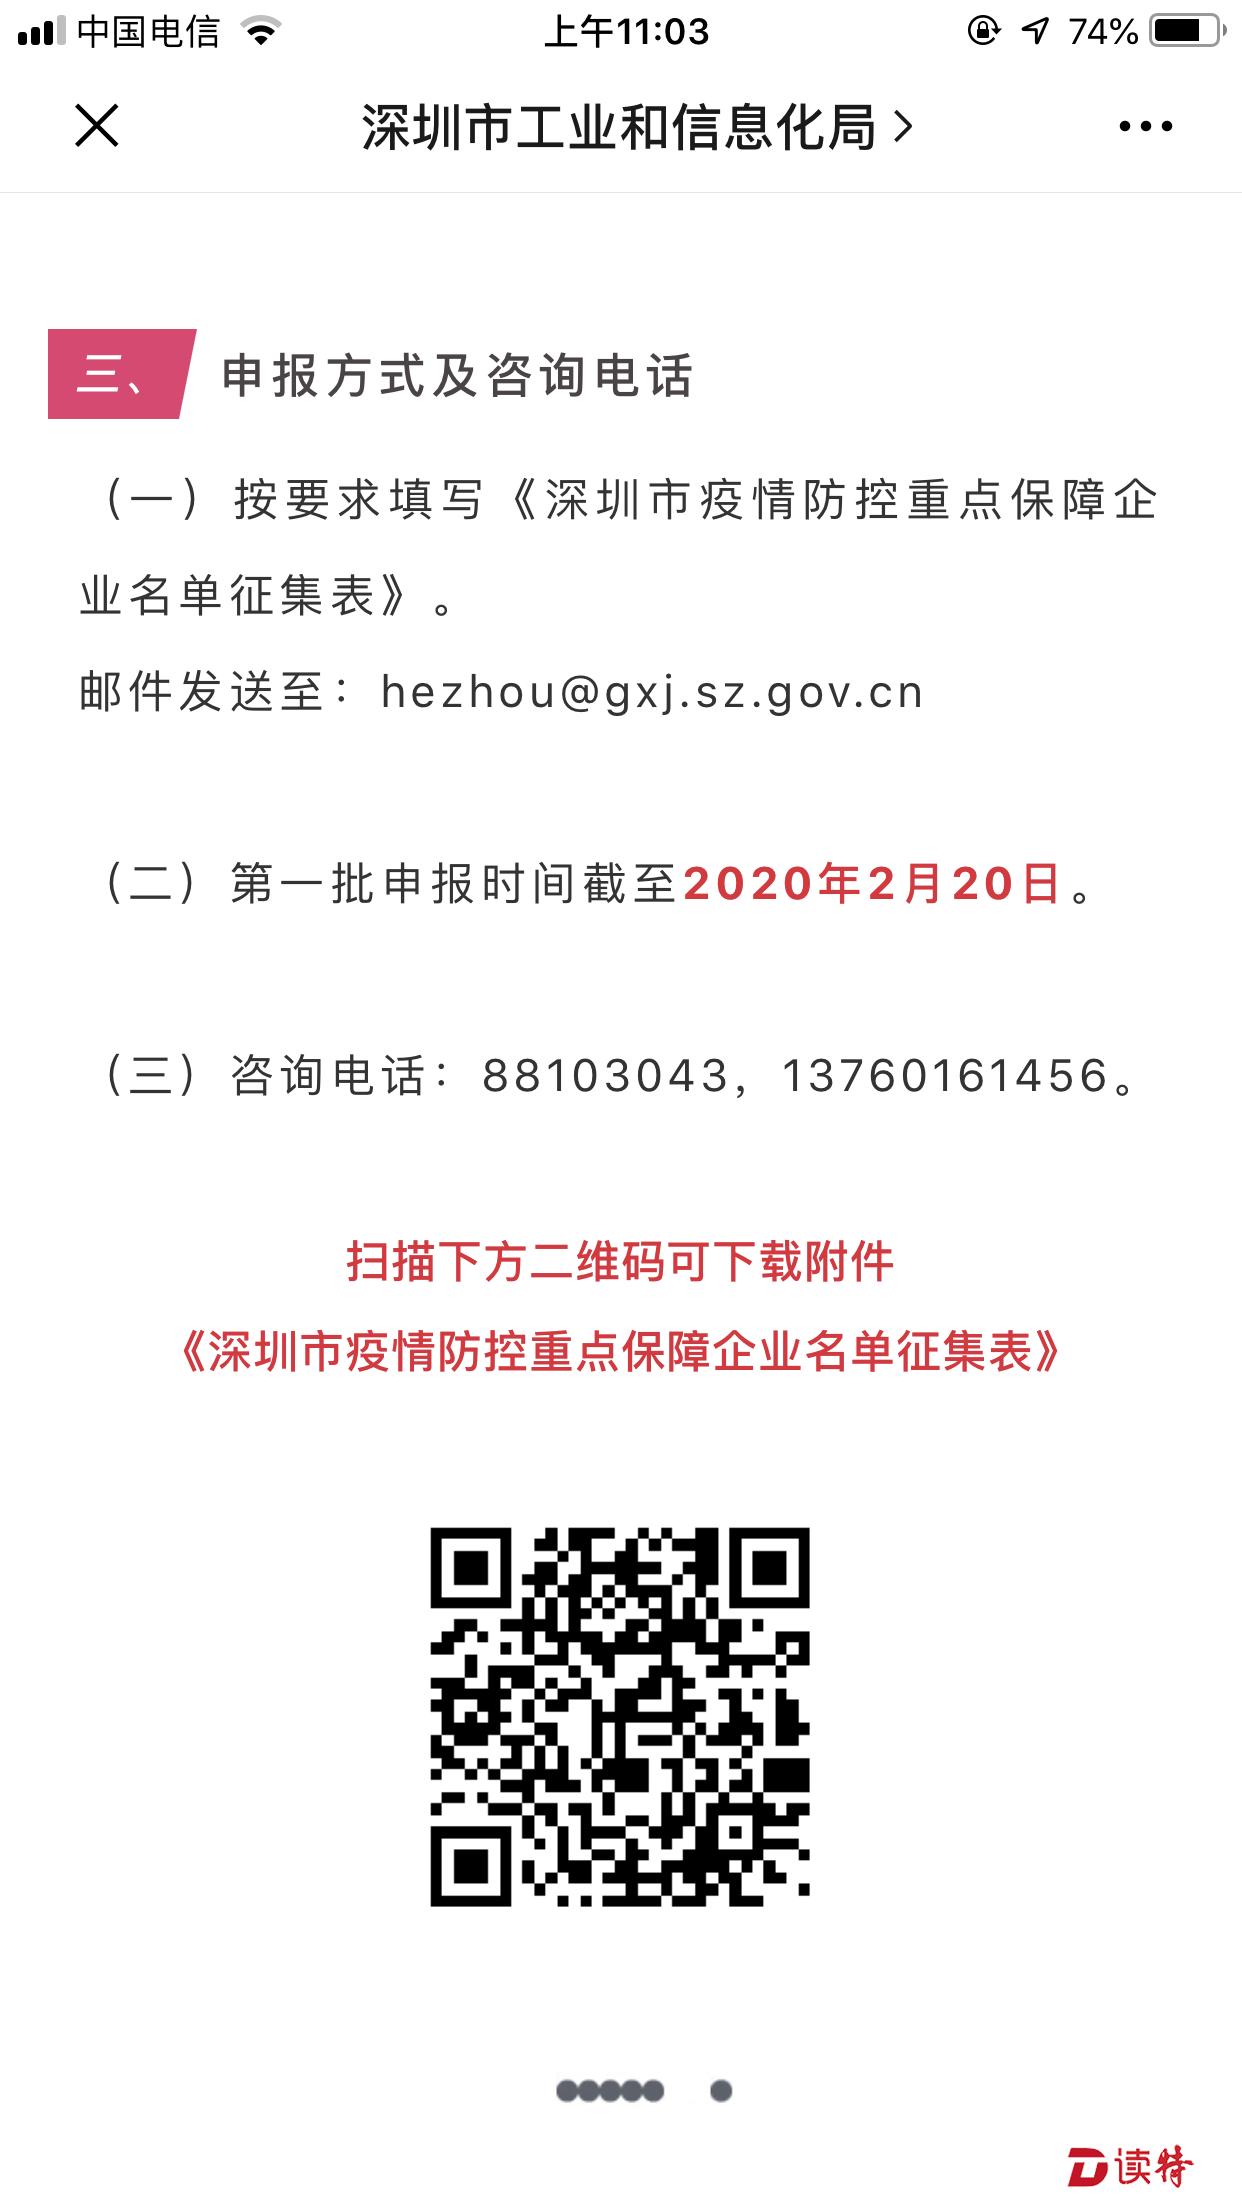 深圳惠企政策进入落实阶段,第一批疫情防控重点保障企业名单开始